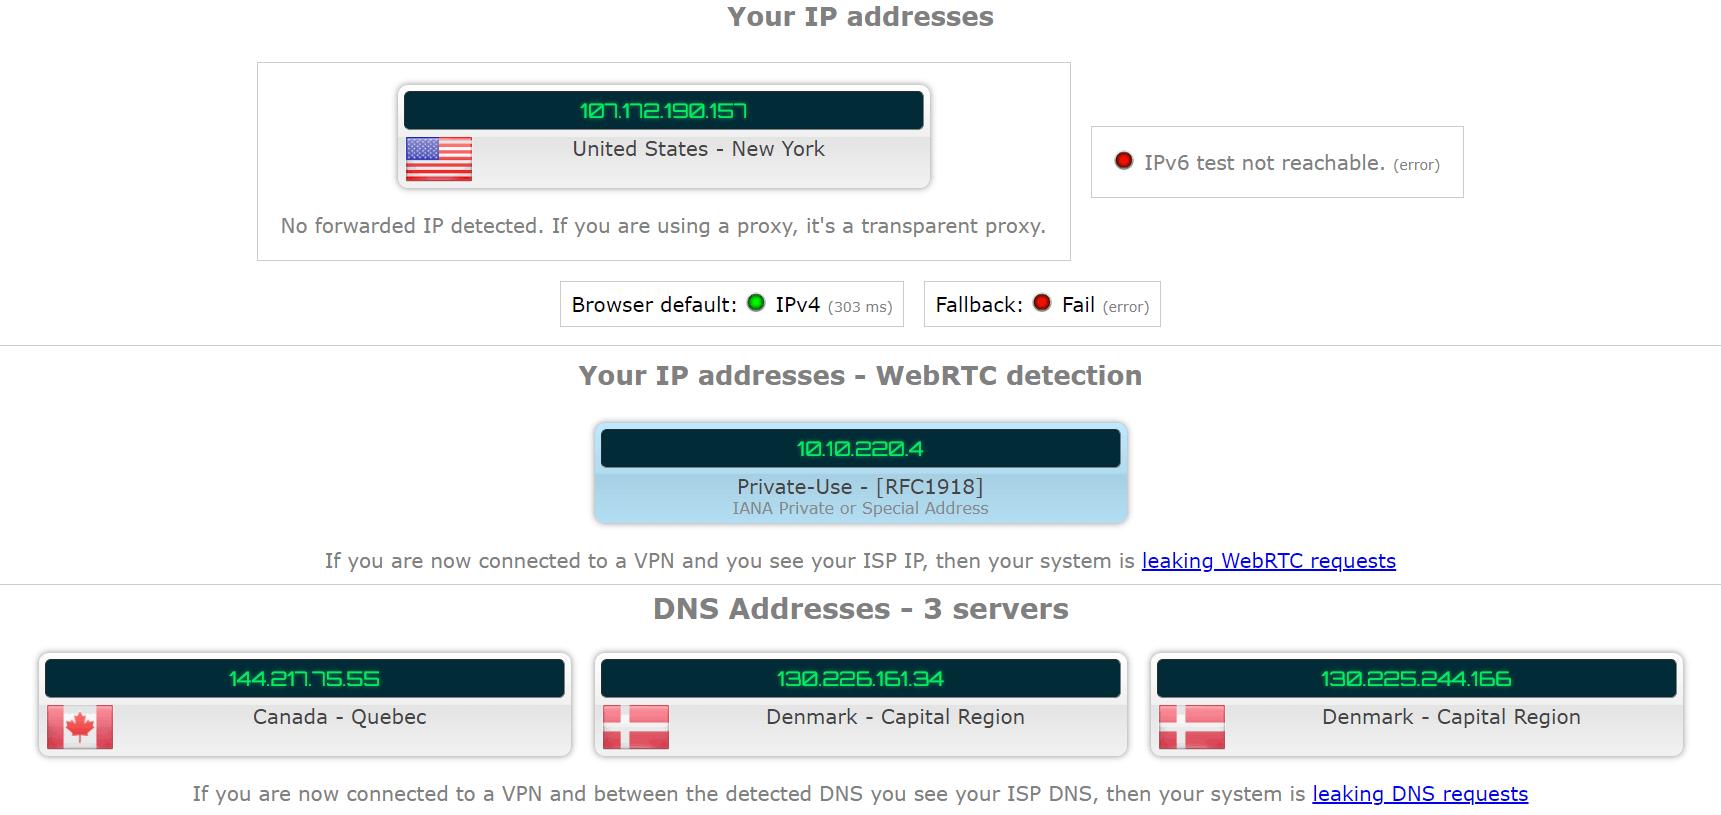 Best Hand-Picked VPN Reviews | GoBestVPN com